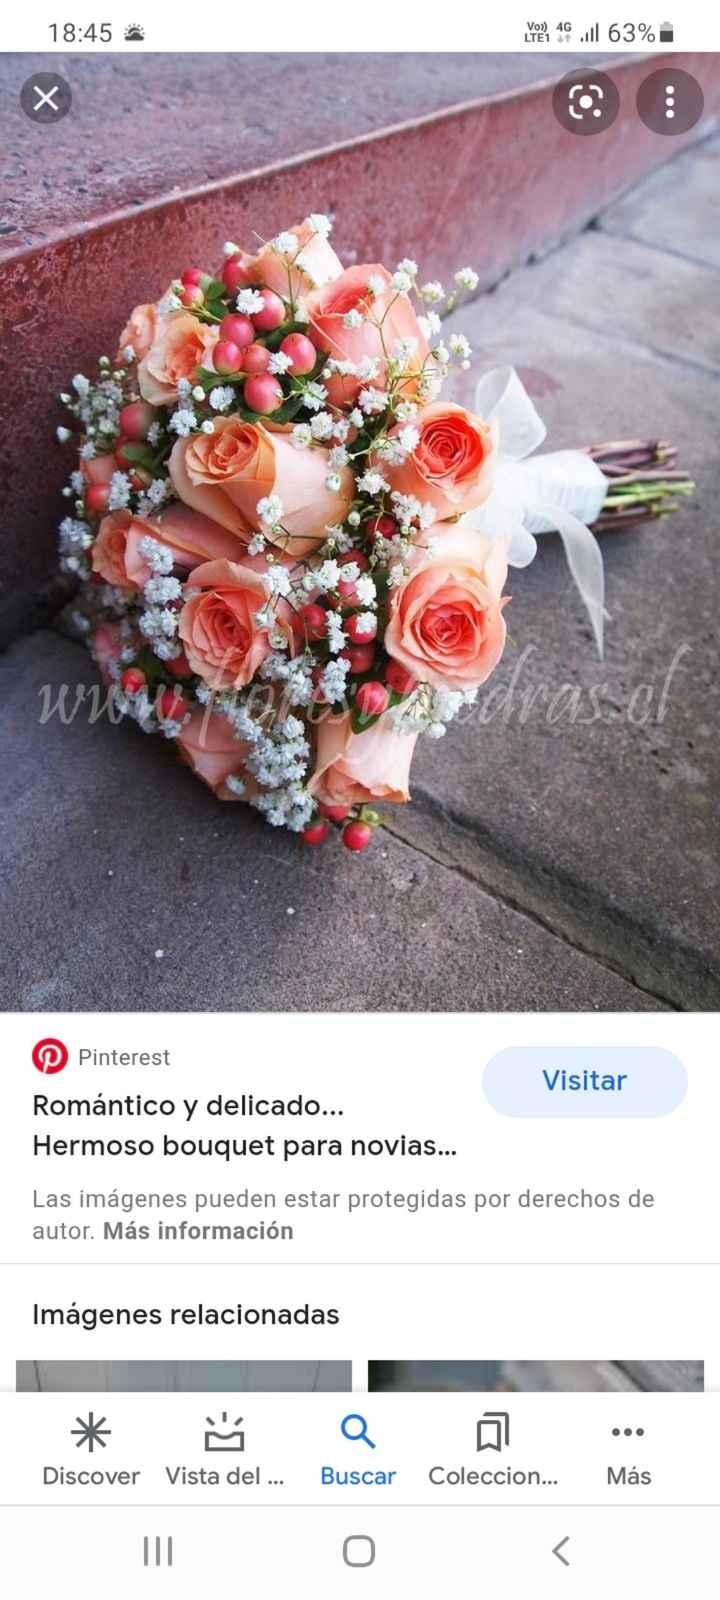 ¿Qué flores te gustan más? - 1